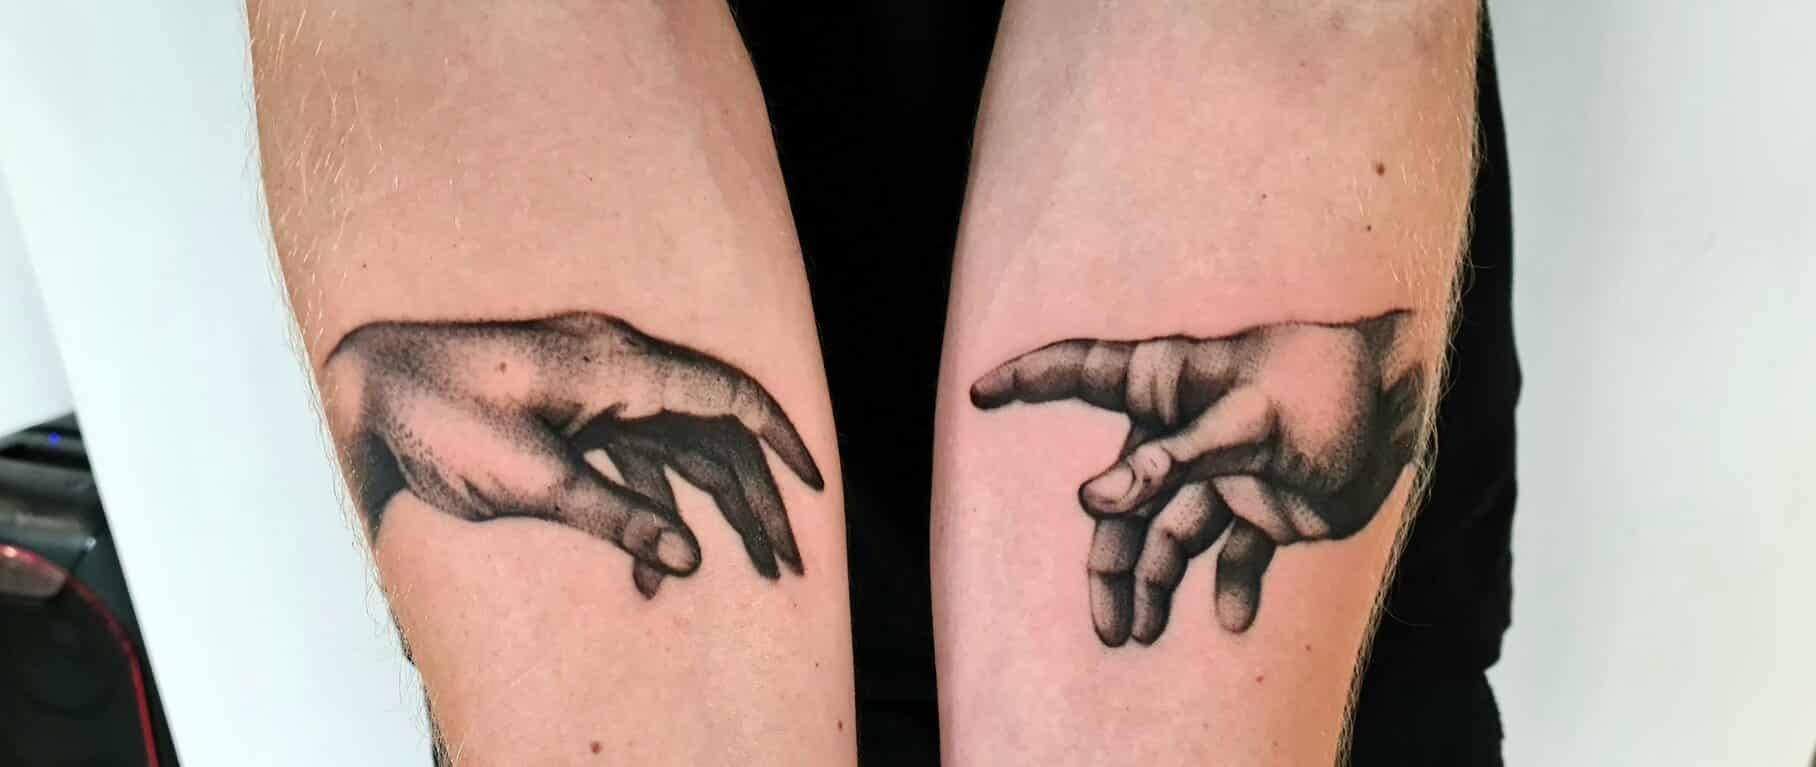 sara-derbis-tattoo-artists-two-hands